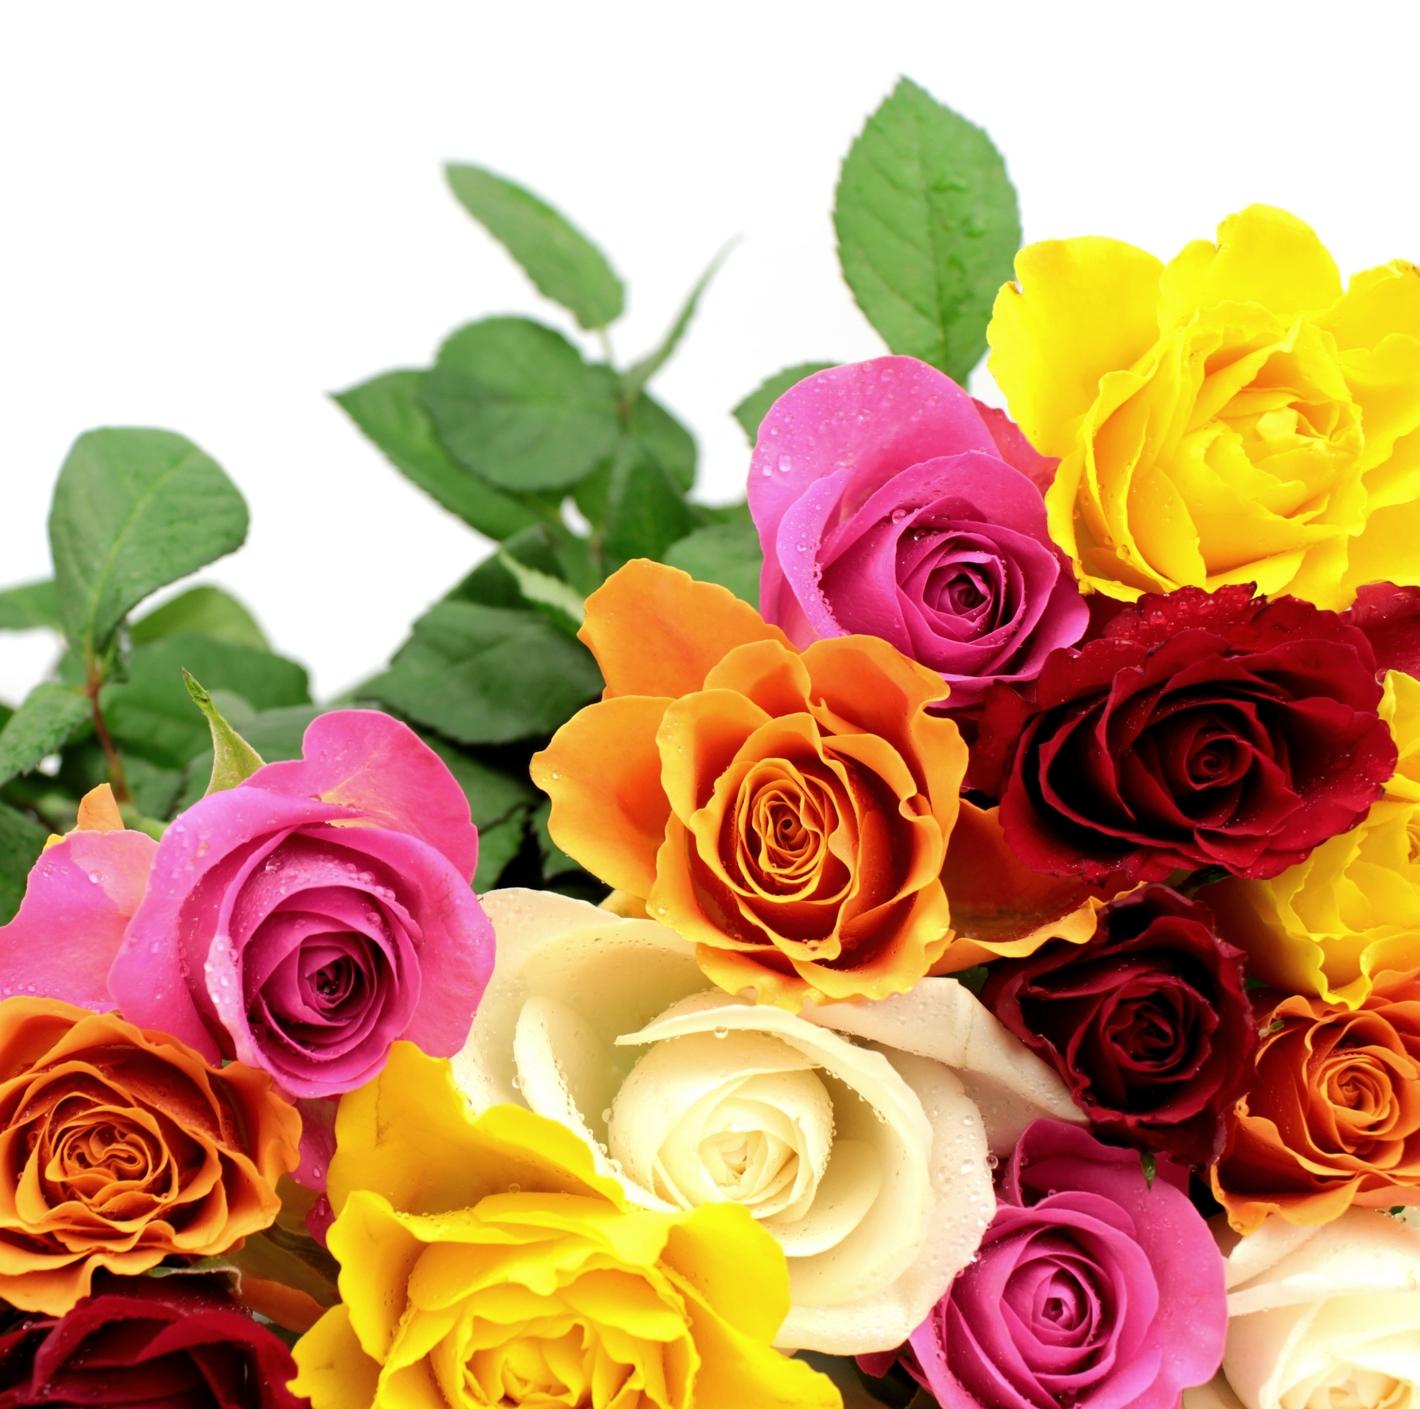 Banco de im genes las fotos m s hermosas de rosas de - Fotos de rosas de colores ...